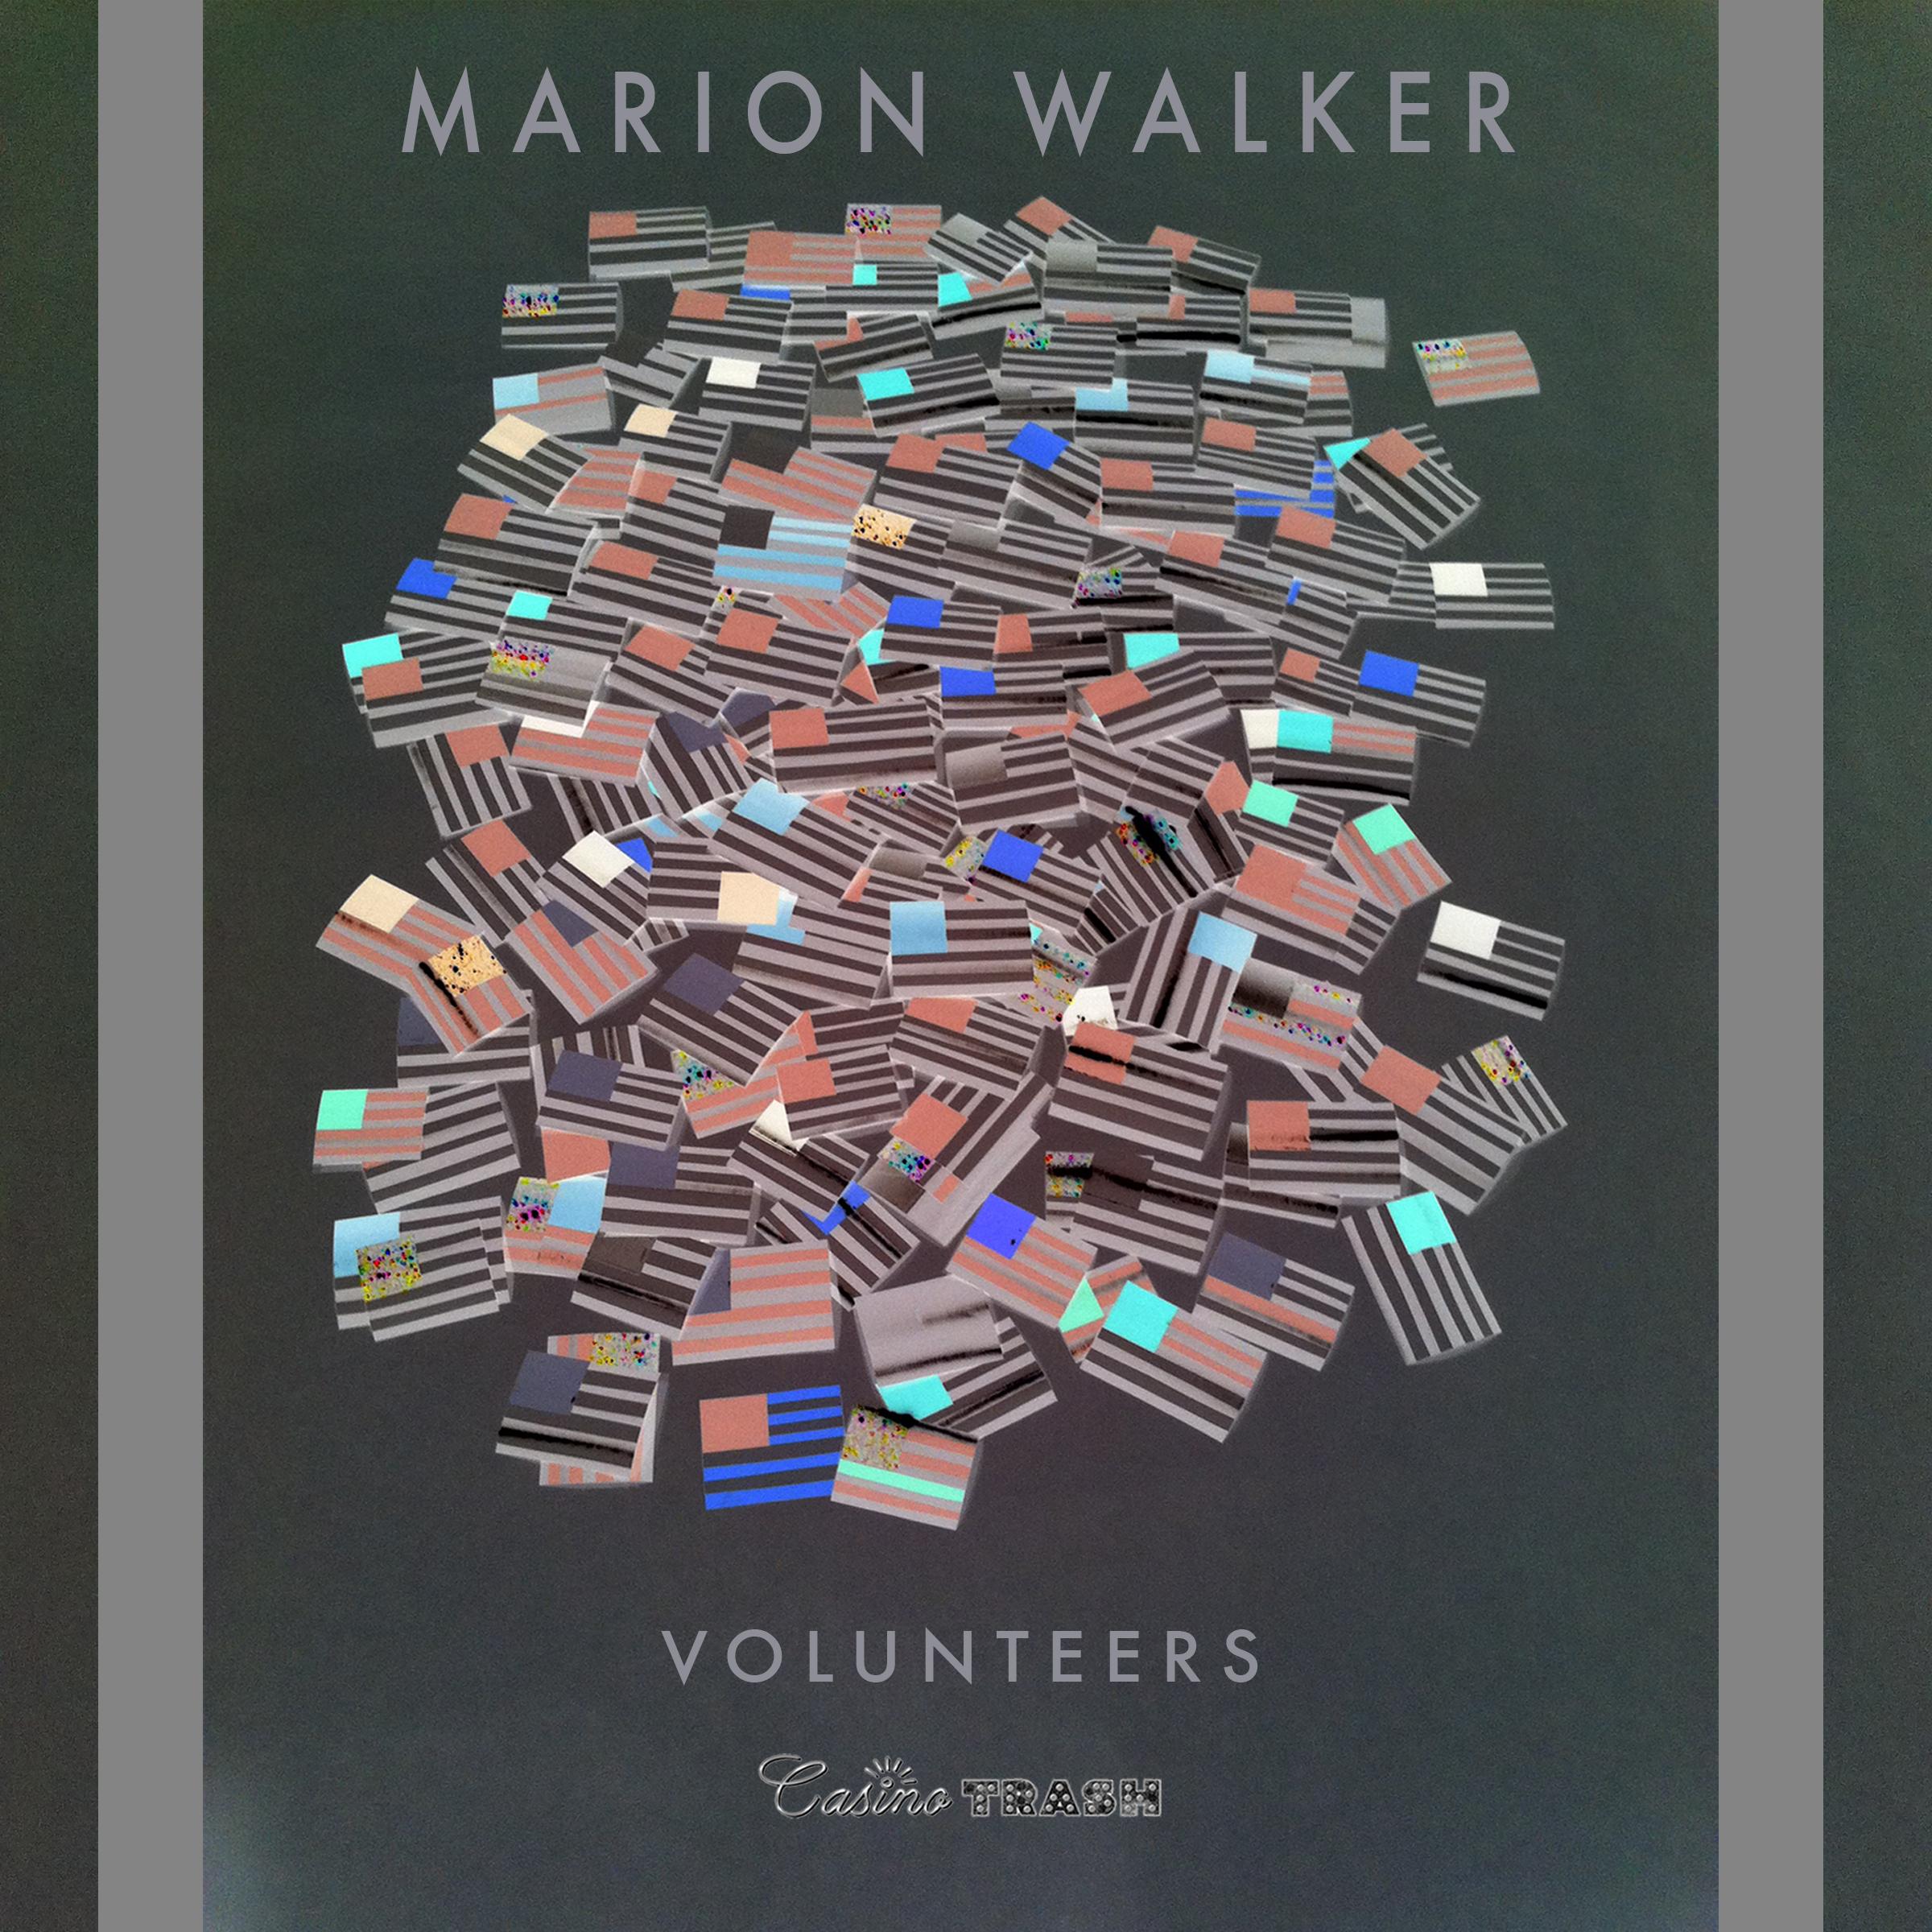 MarionWalker_Volunteers_coverart.jpg